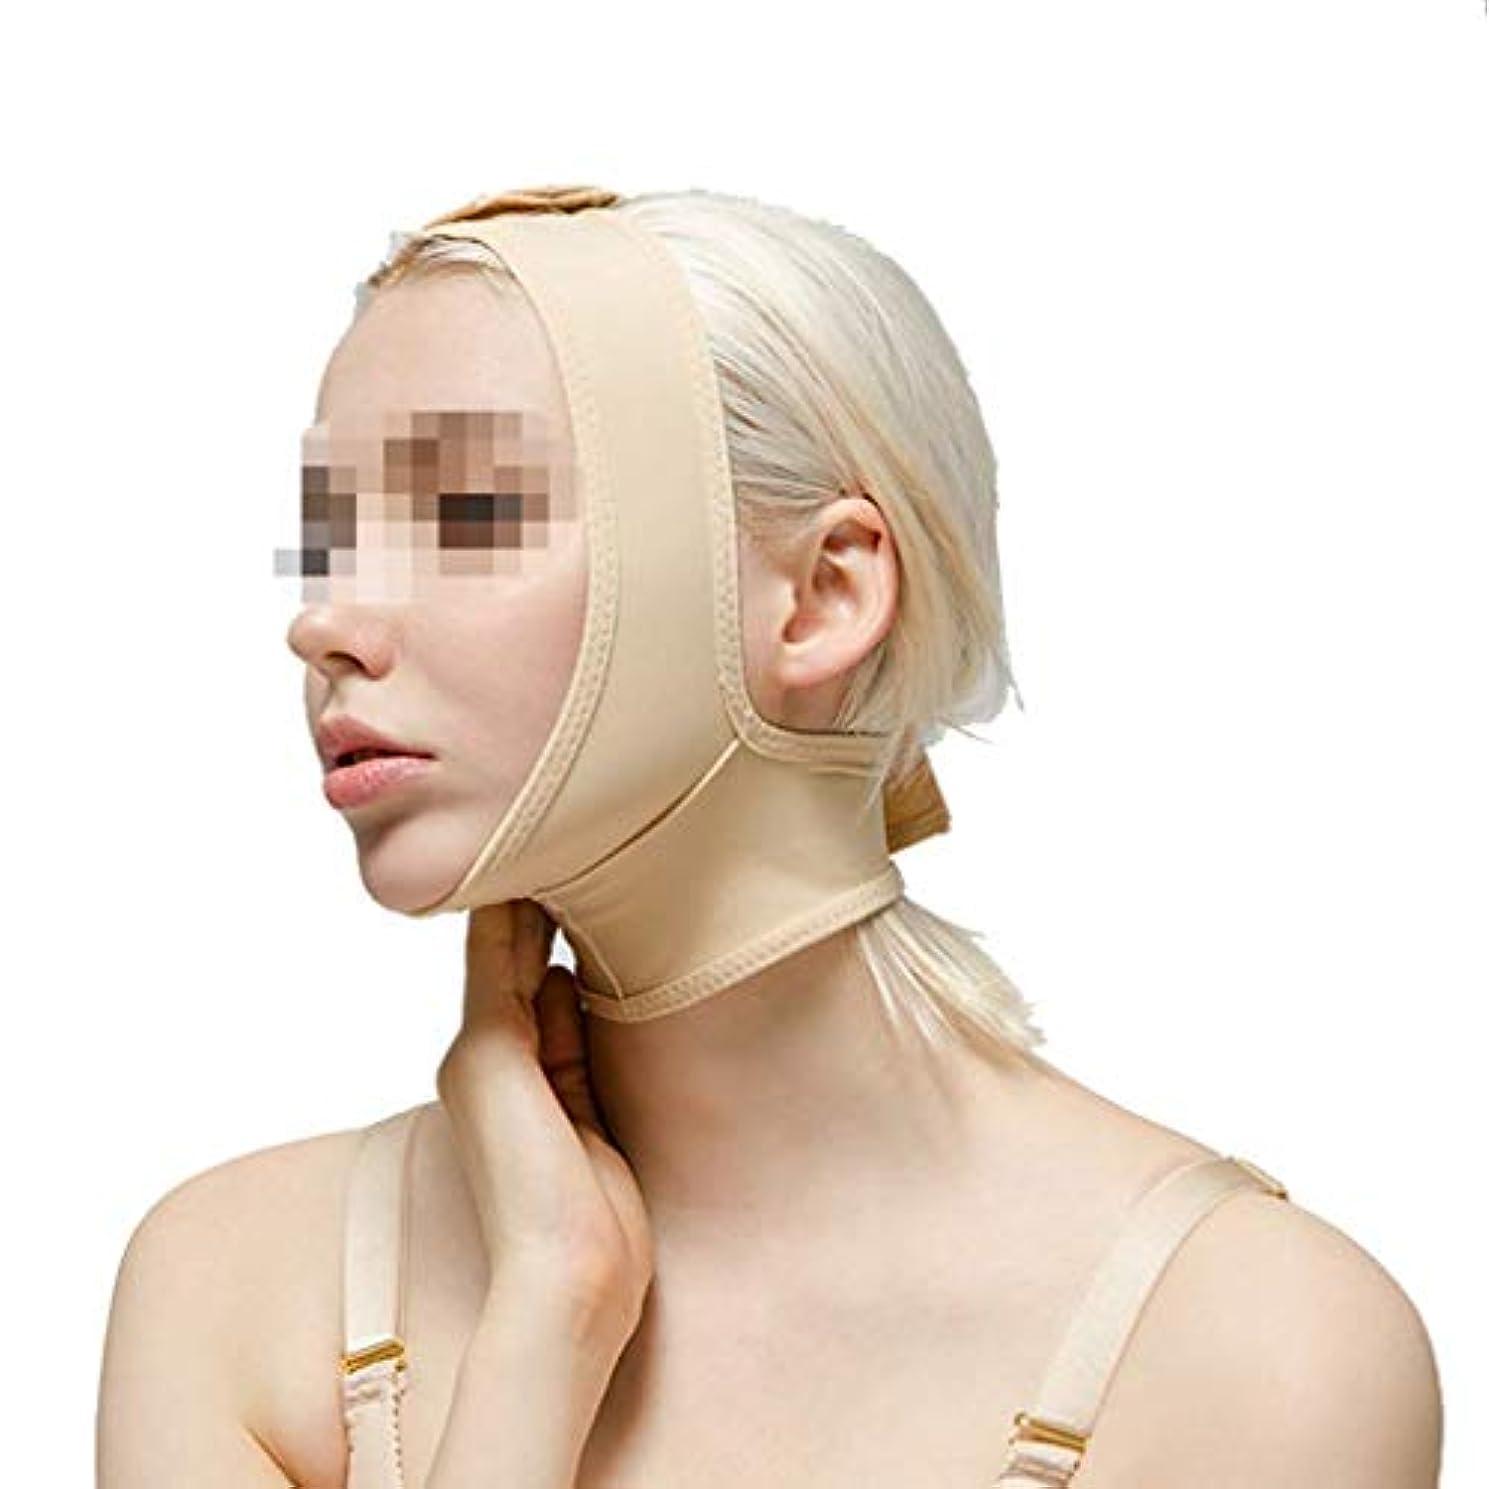 とにかく棚緊急術後弾性スリーブ、下顎バンドルフェイスバンデージフェイシャルビームダブルチンシンフェイスマスクマルチサイズオプション(サイズ:M)